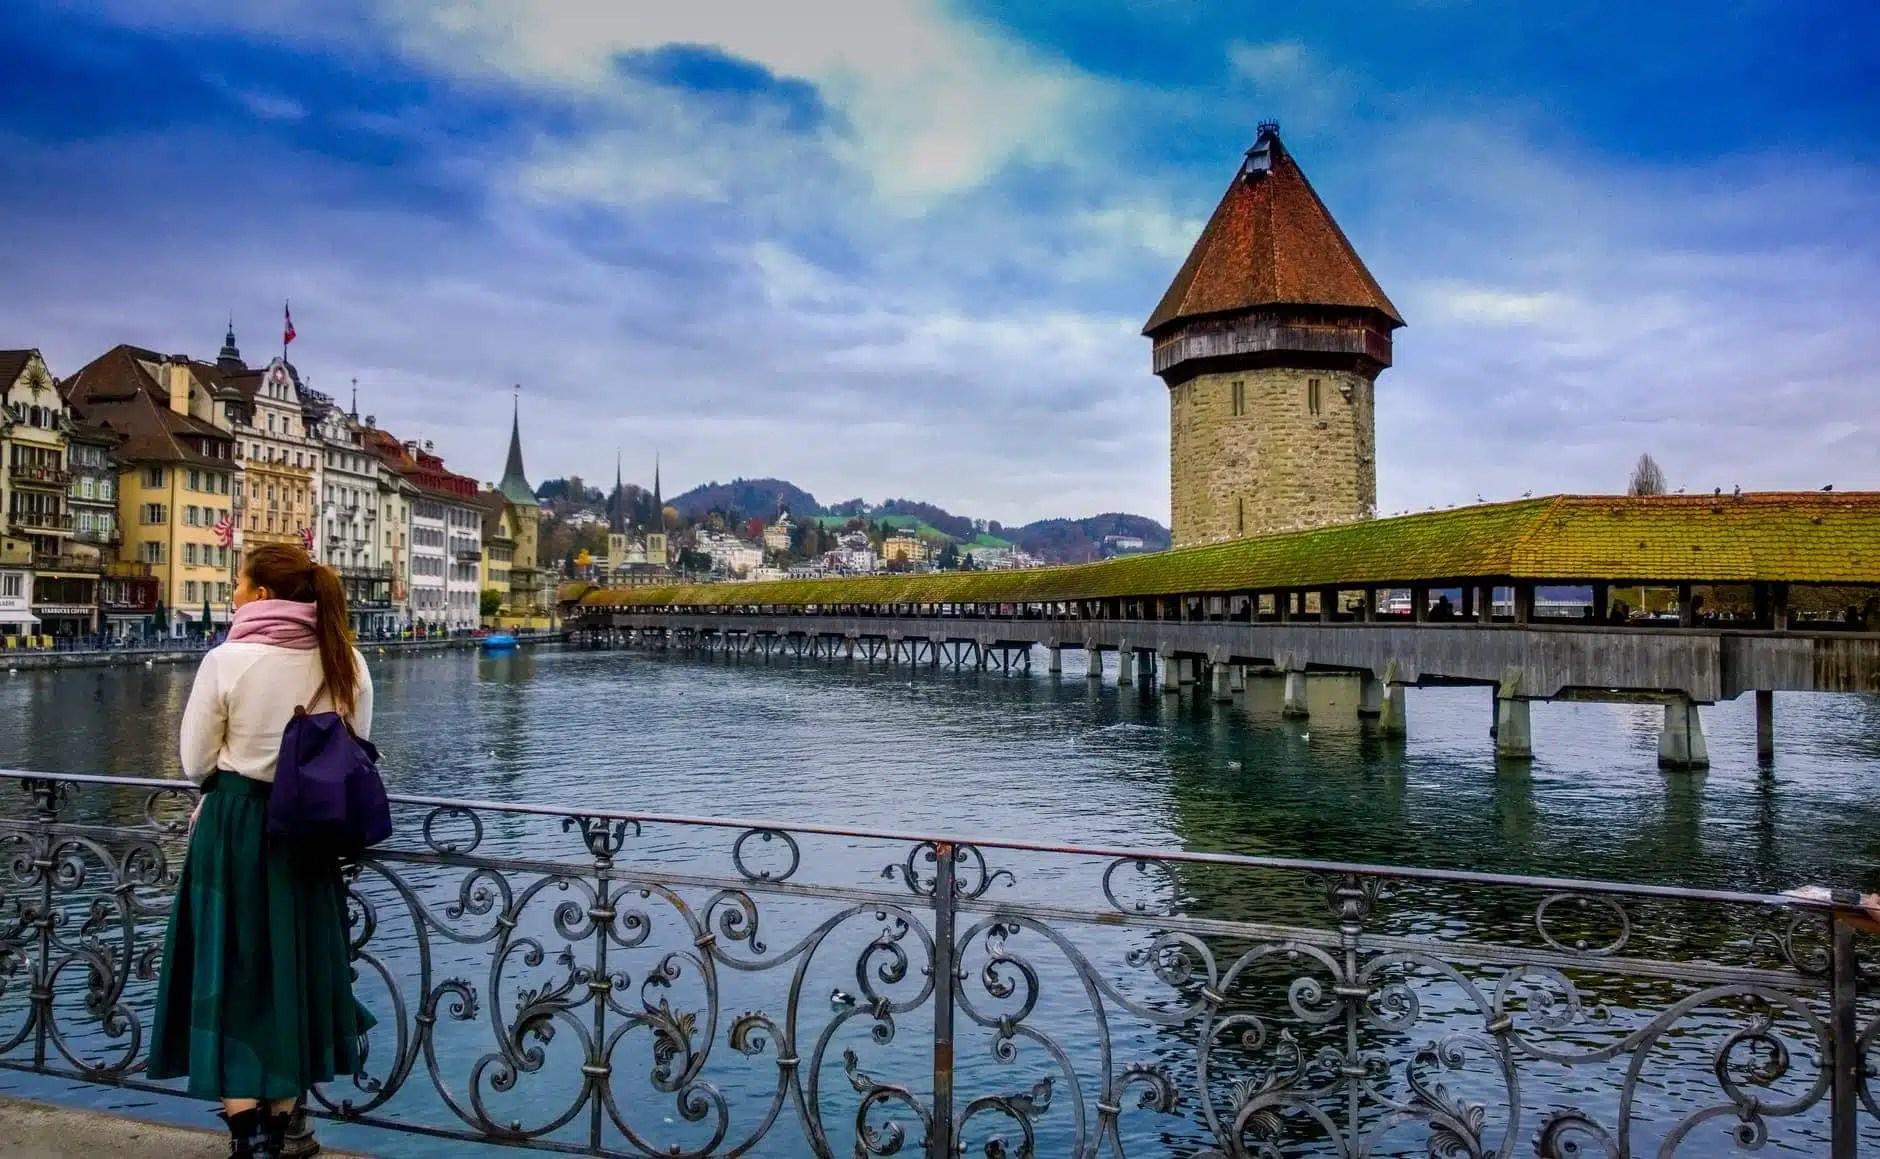 architecture bridge buildings castle